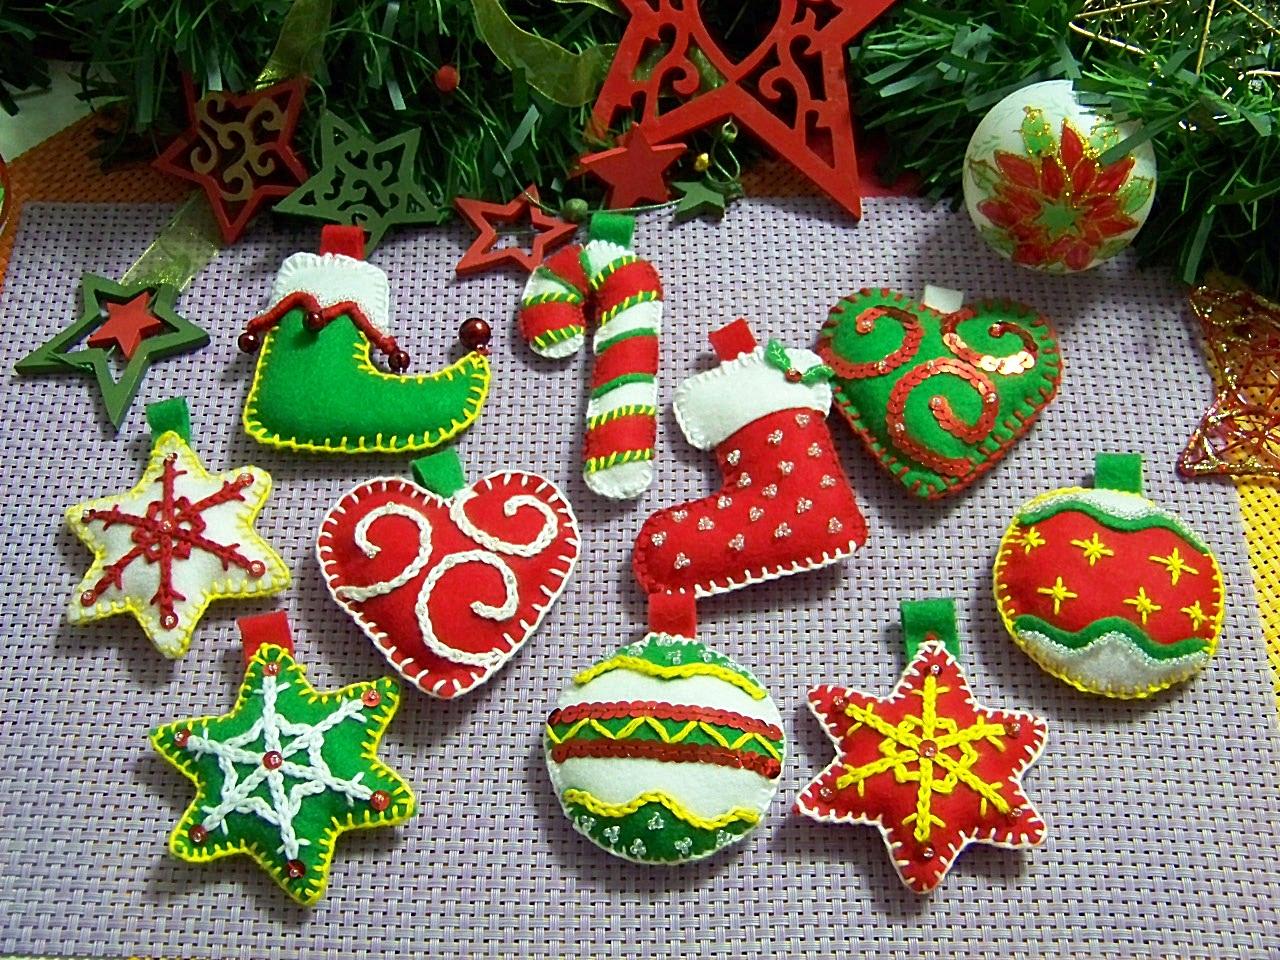 Mi Cocinita de Juguete Feliz Navidad Mis Adornos Navideos